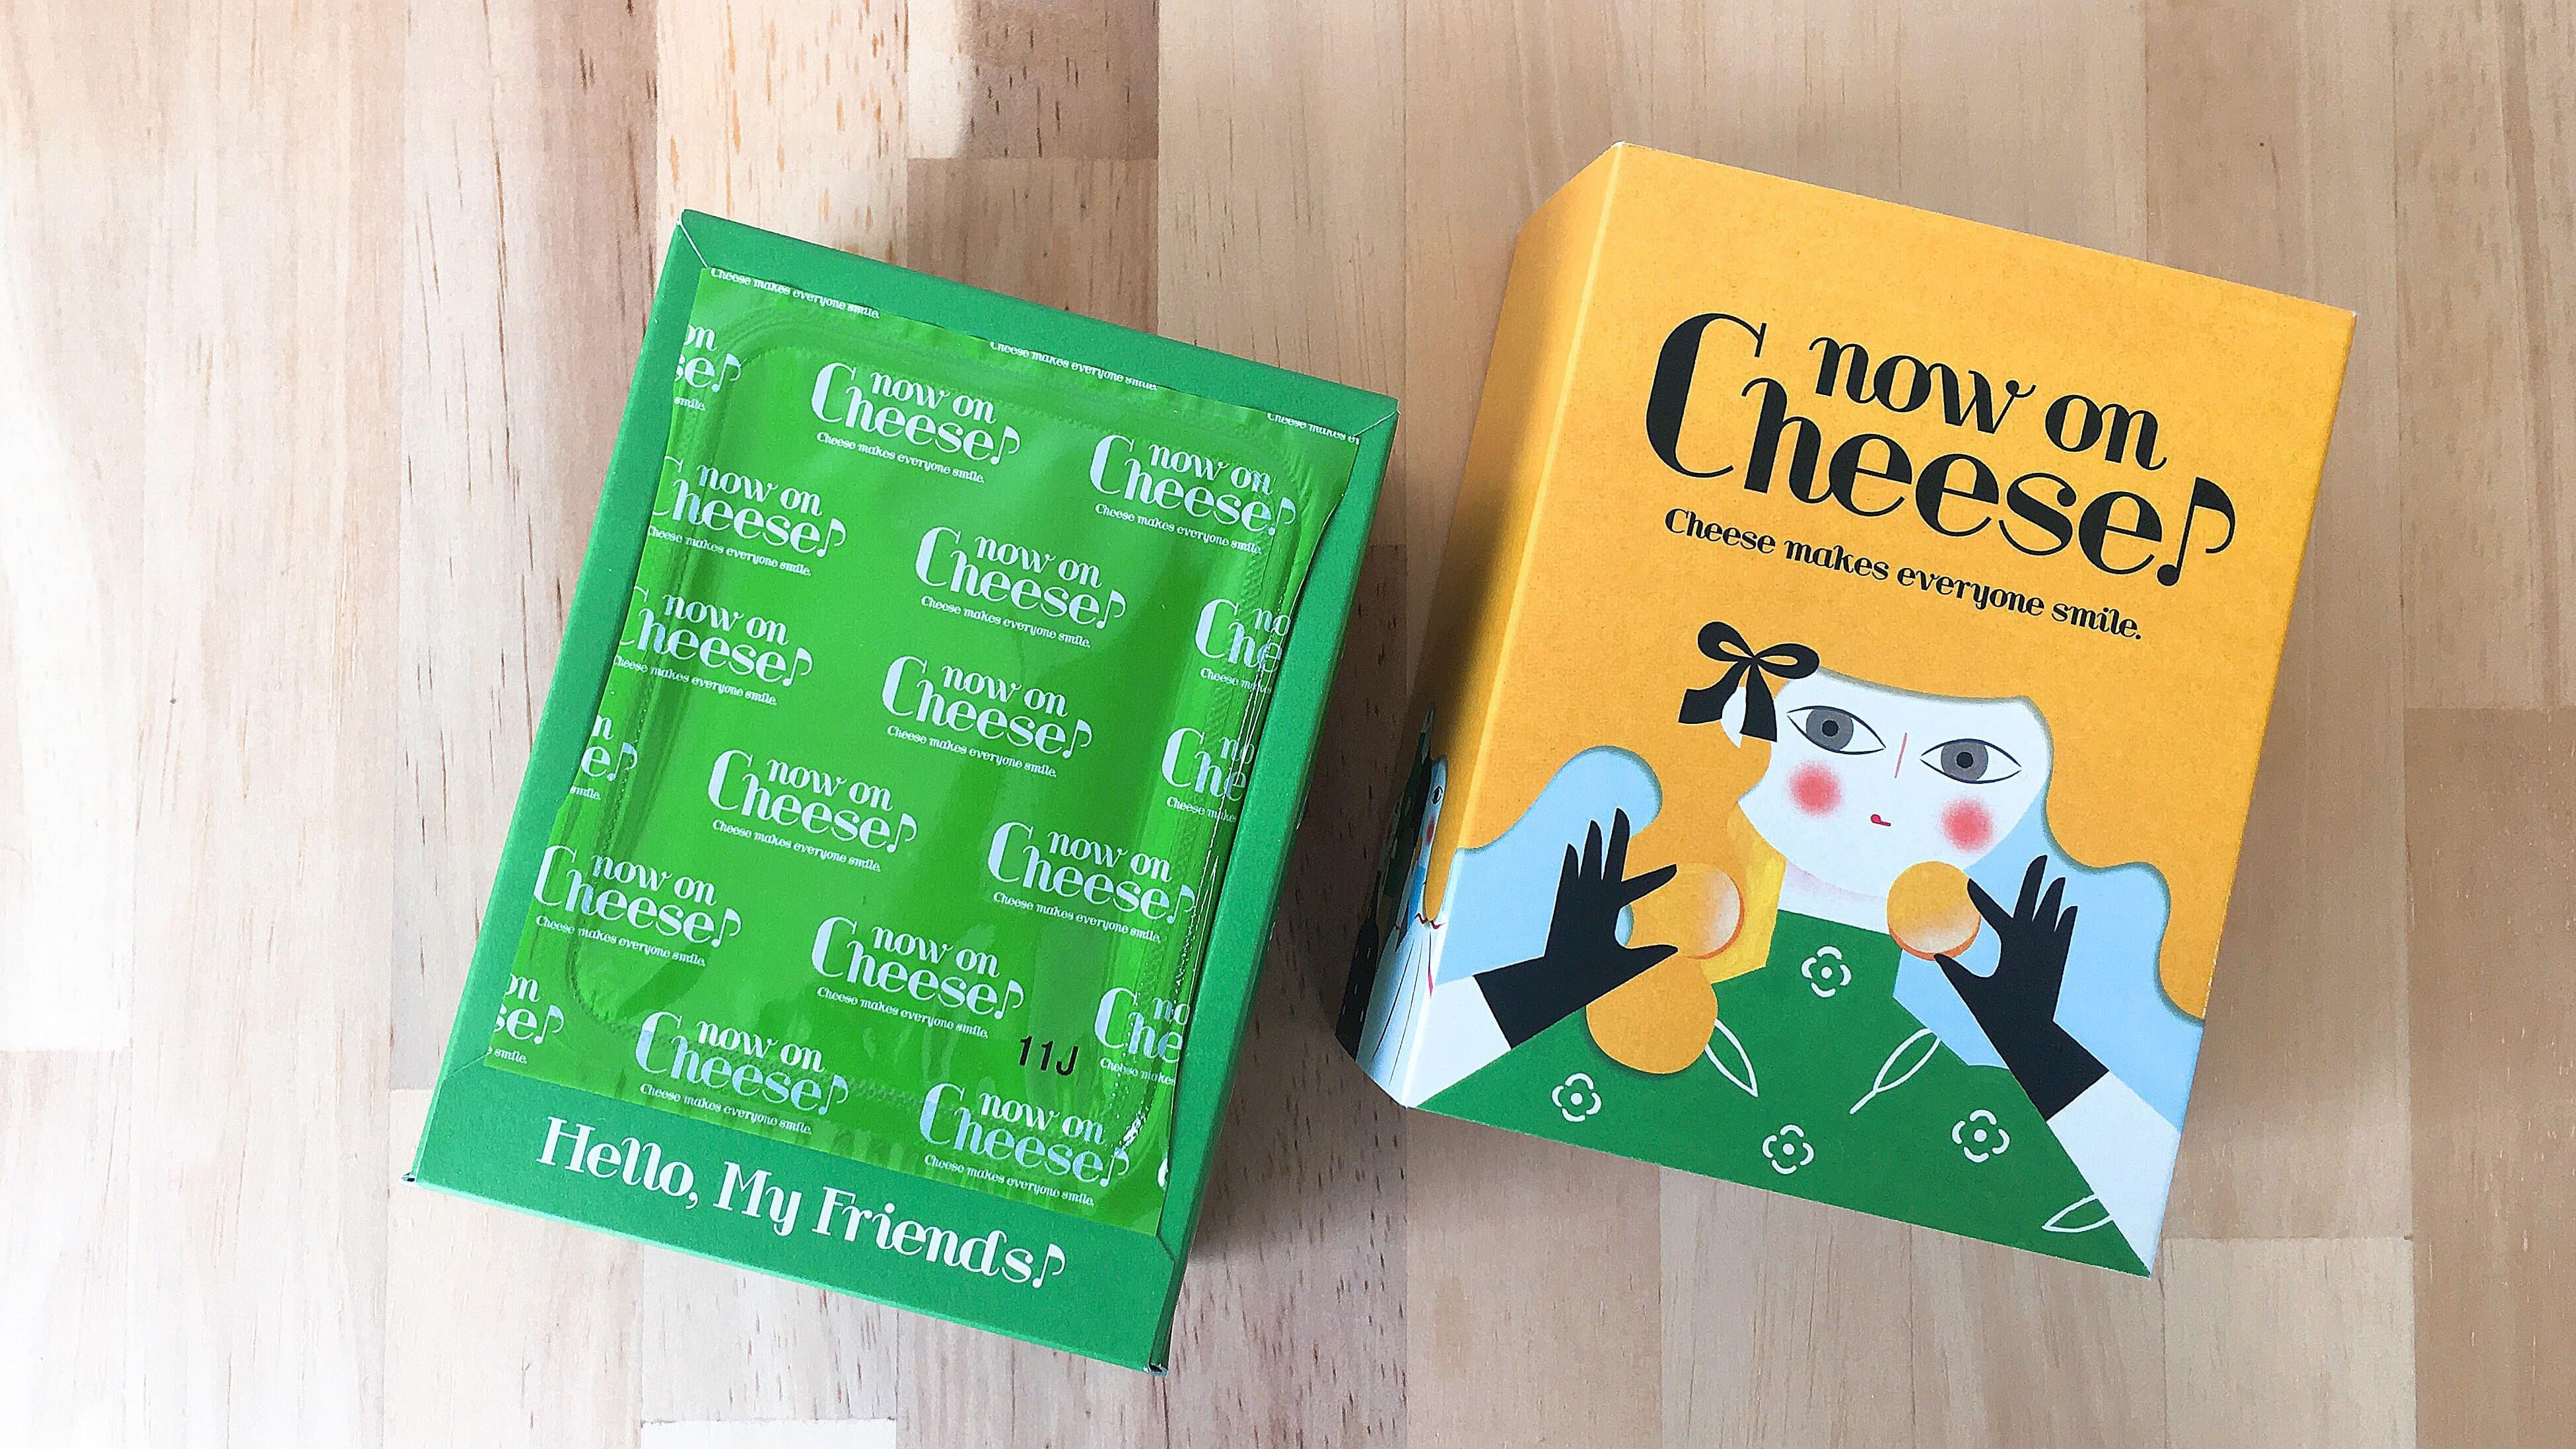 ルミネ新宿のチーズ菓子専門店ナウオンチーズのゴルゴンゾーラ&バジルクッキーのパッケージ